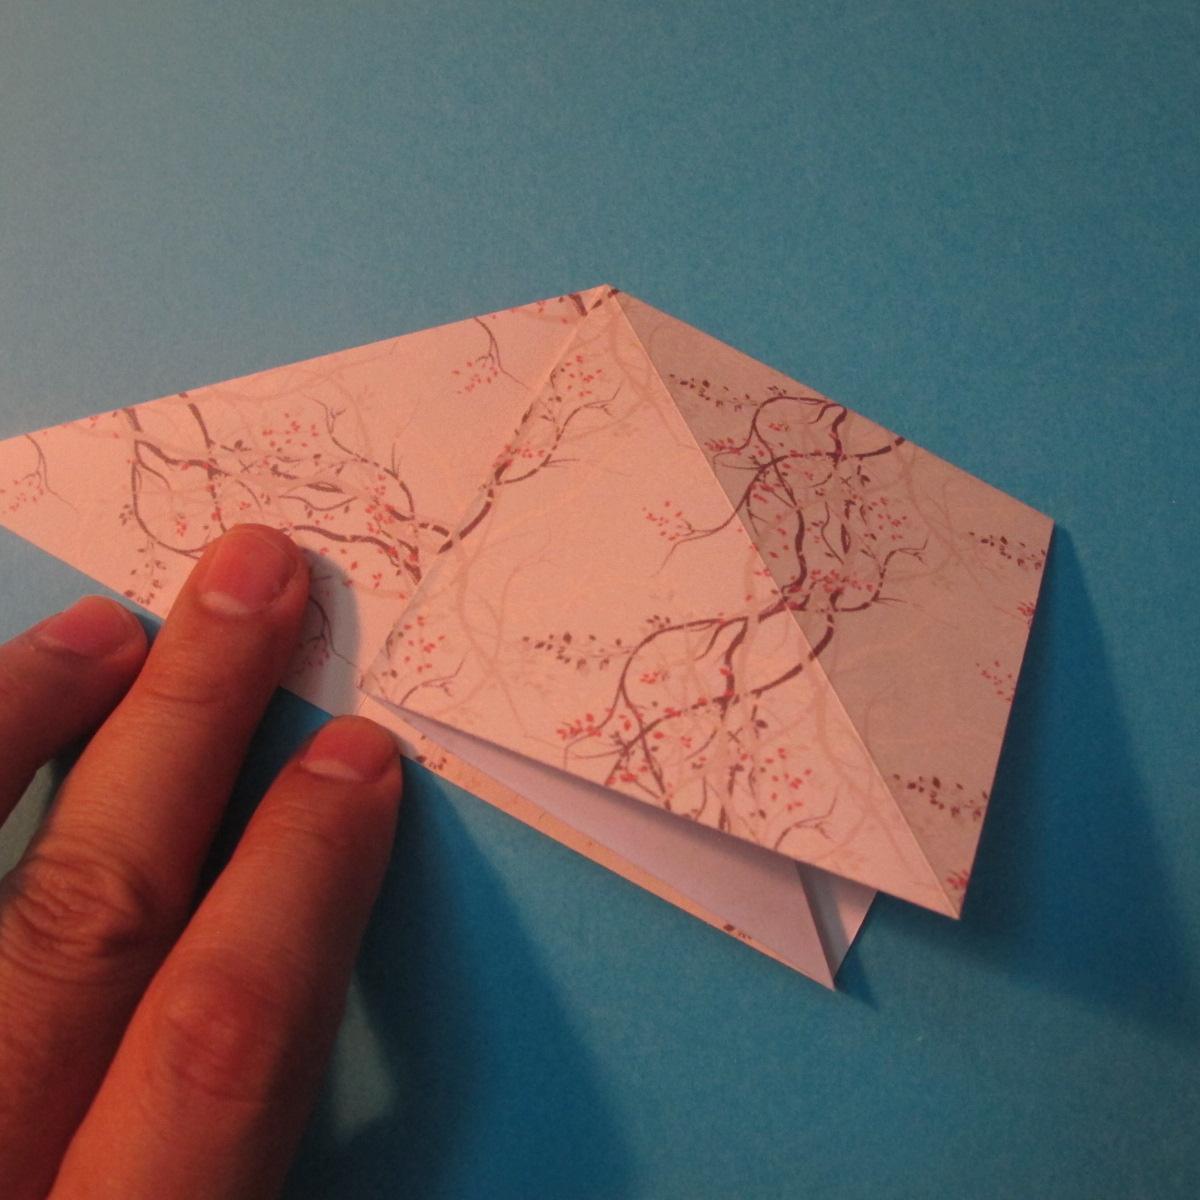 วิธีการพับกระดาษเป็นดาวสี่แฉก 006